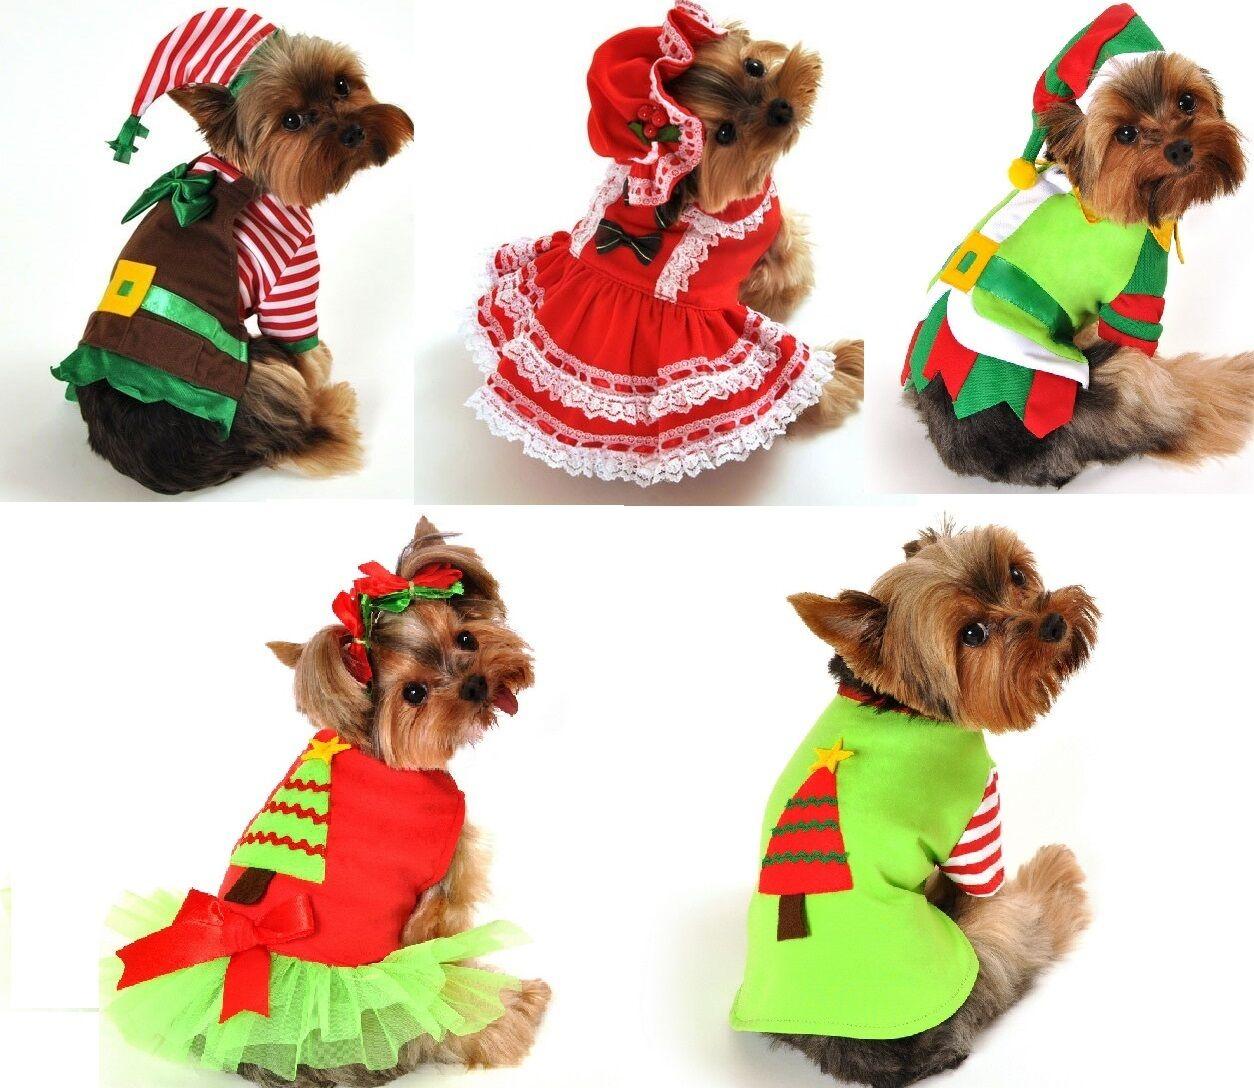 Haustier Hund Katze Weihnachtsmann Elf Geschenk Kostüm Kleid Outfit Kleidung Kleidung Kleidung    Schön geformt  940cf4